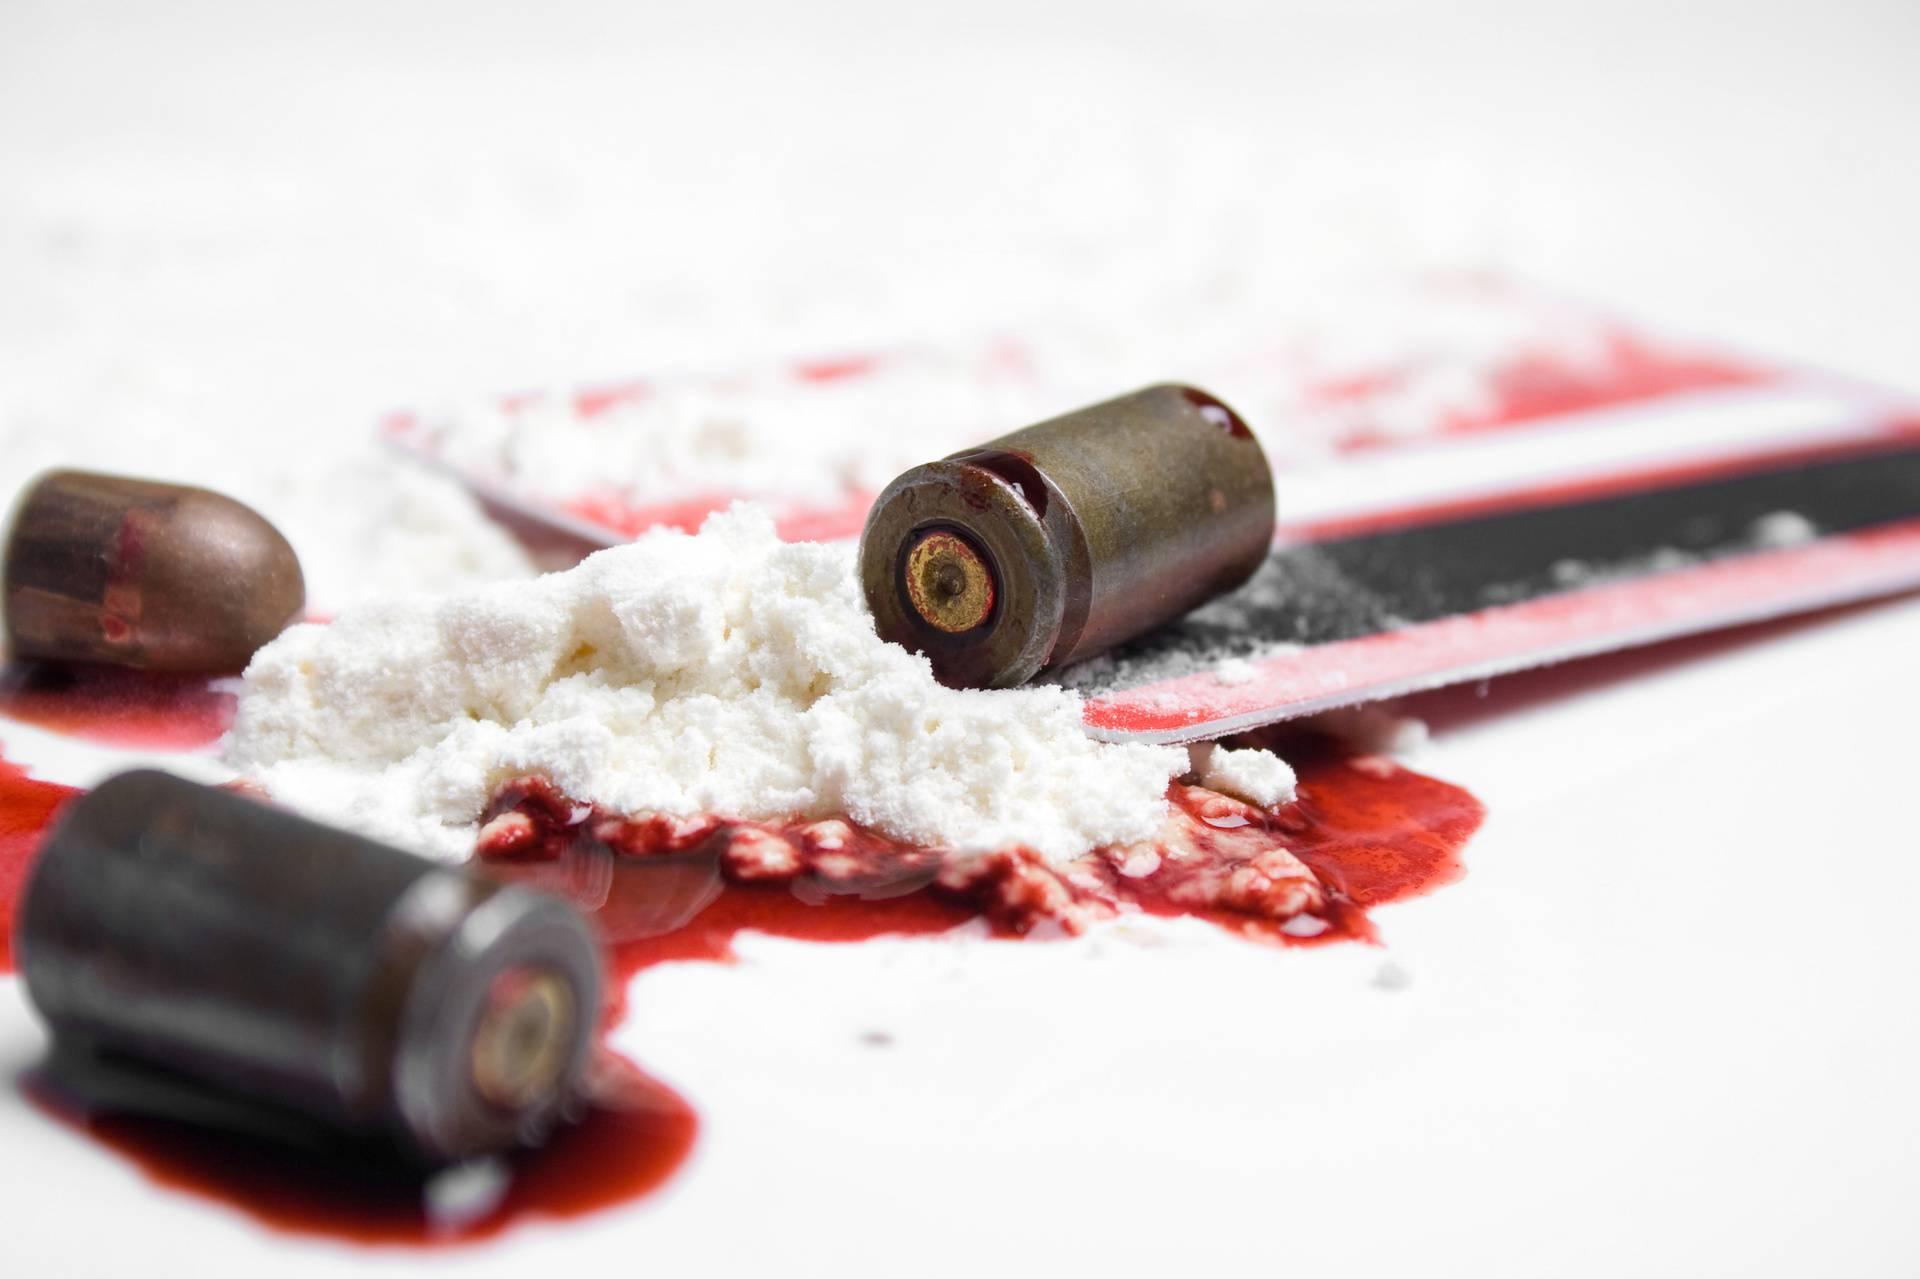 Hrvatska u kokainskom ruletu smrti: Mrtva usta ne govore